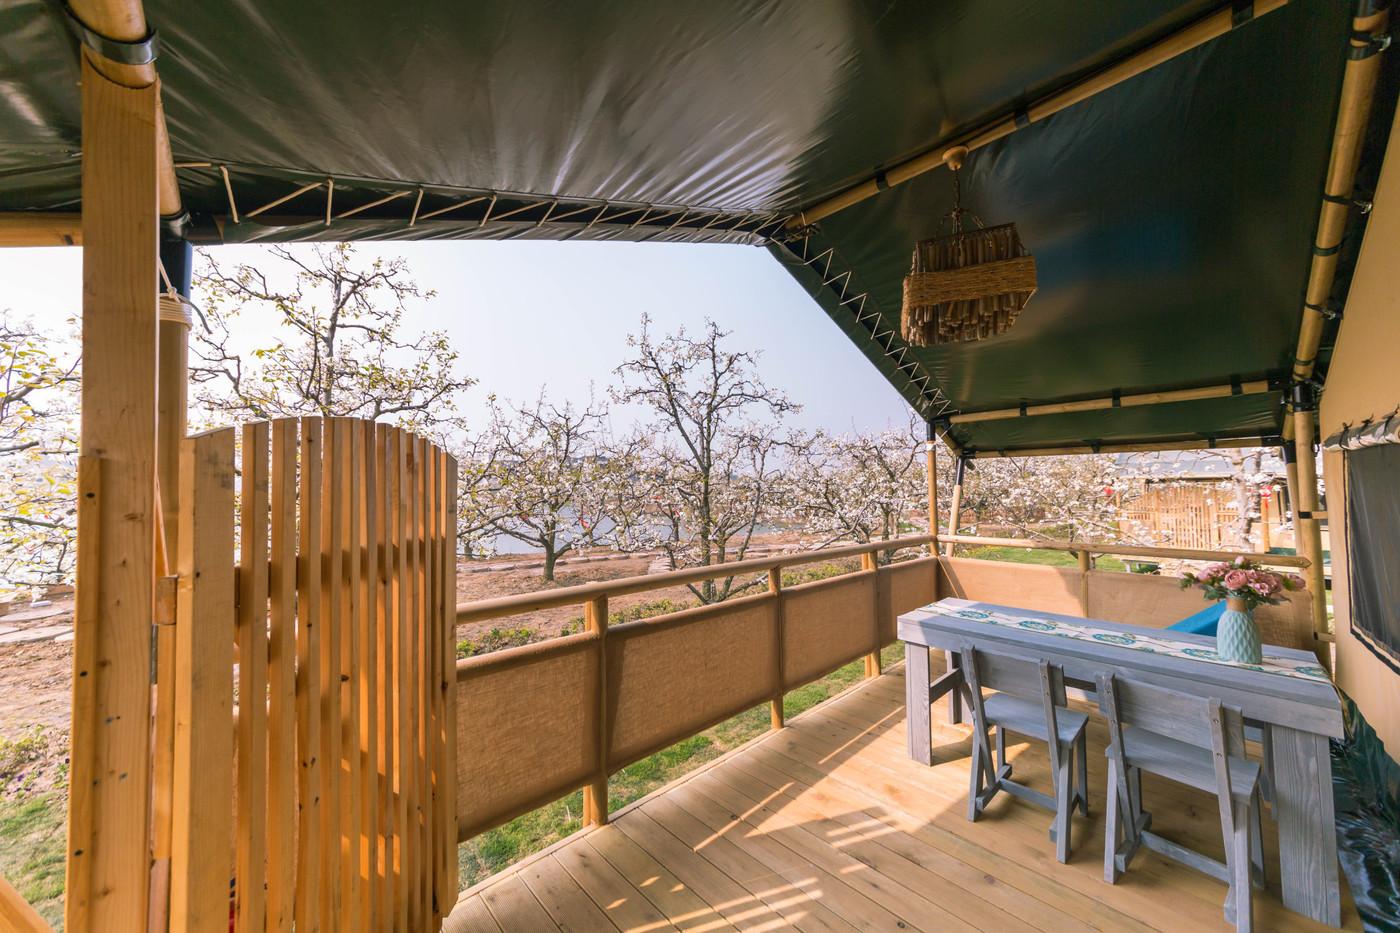 喜马拉雅野奢帐篷酒店—安徽砀山东篱蓬芦(梨园78平)3